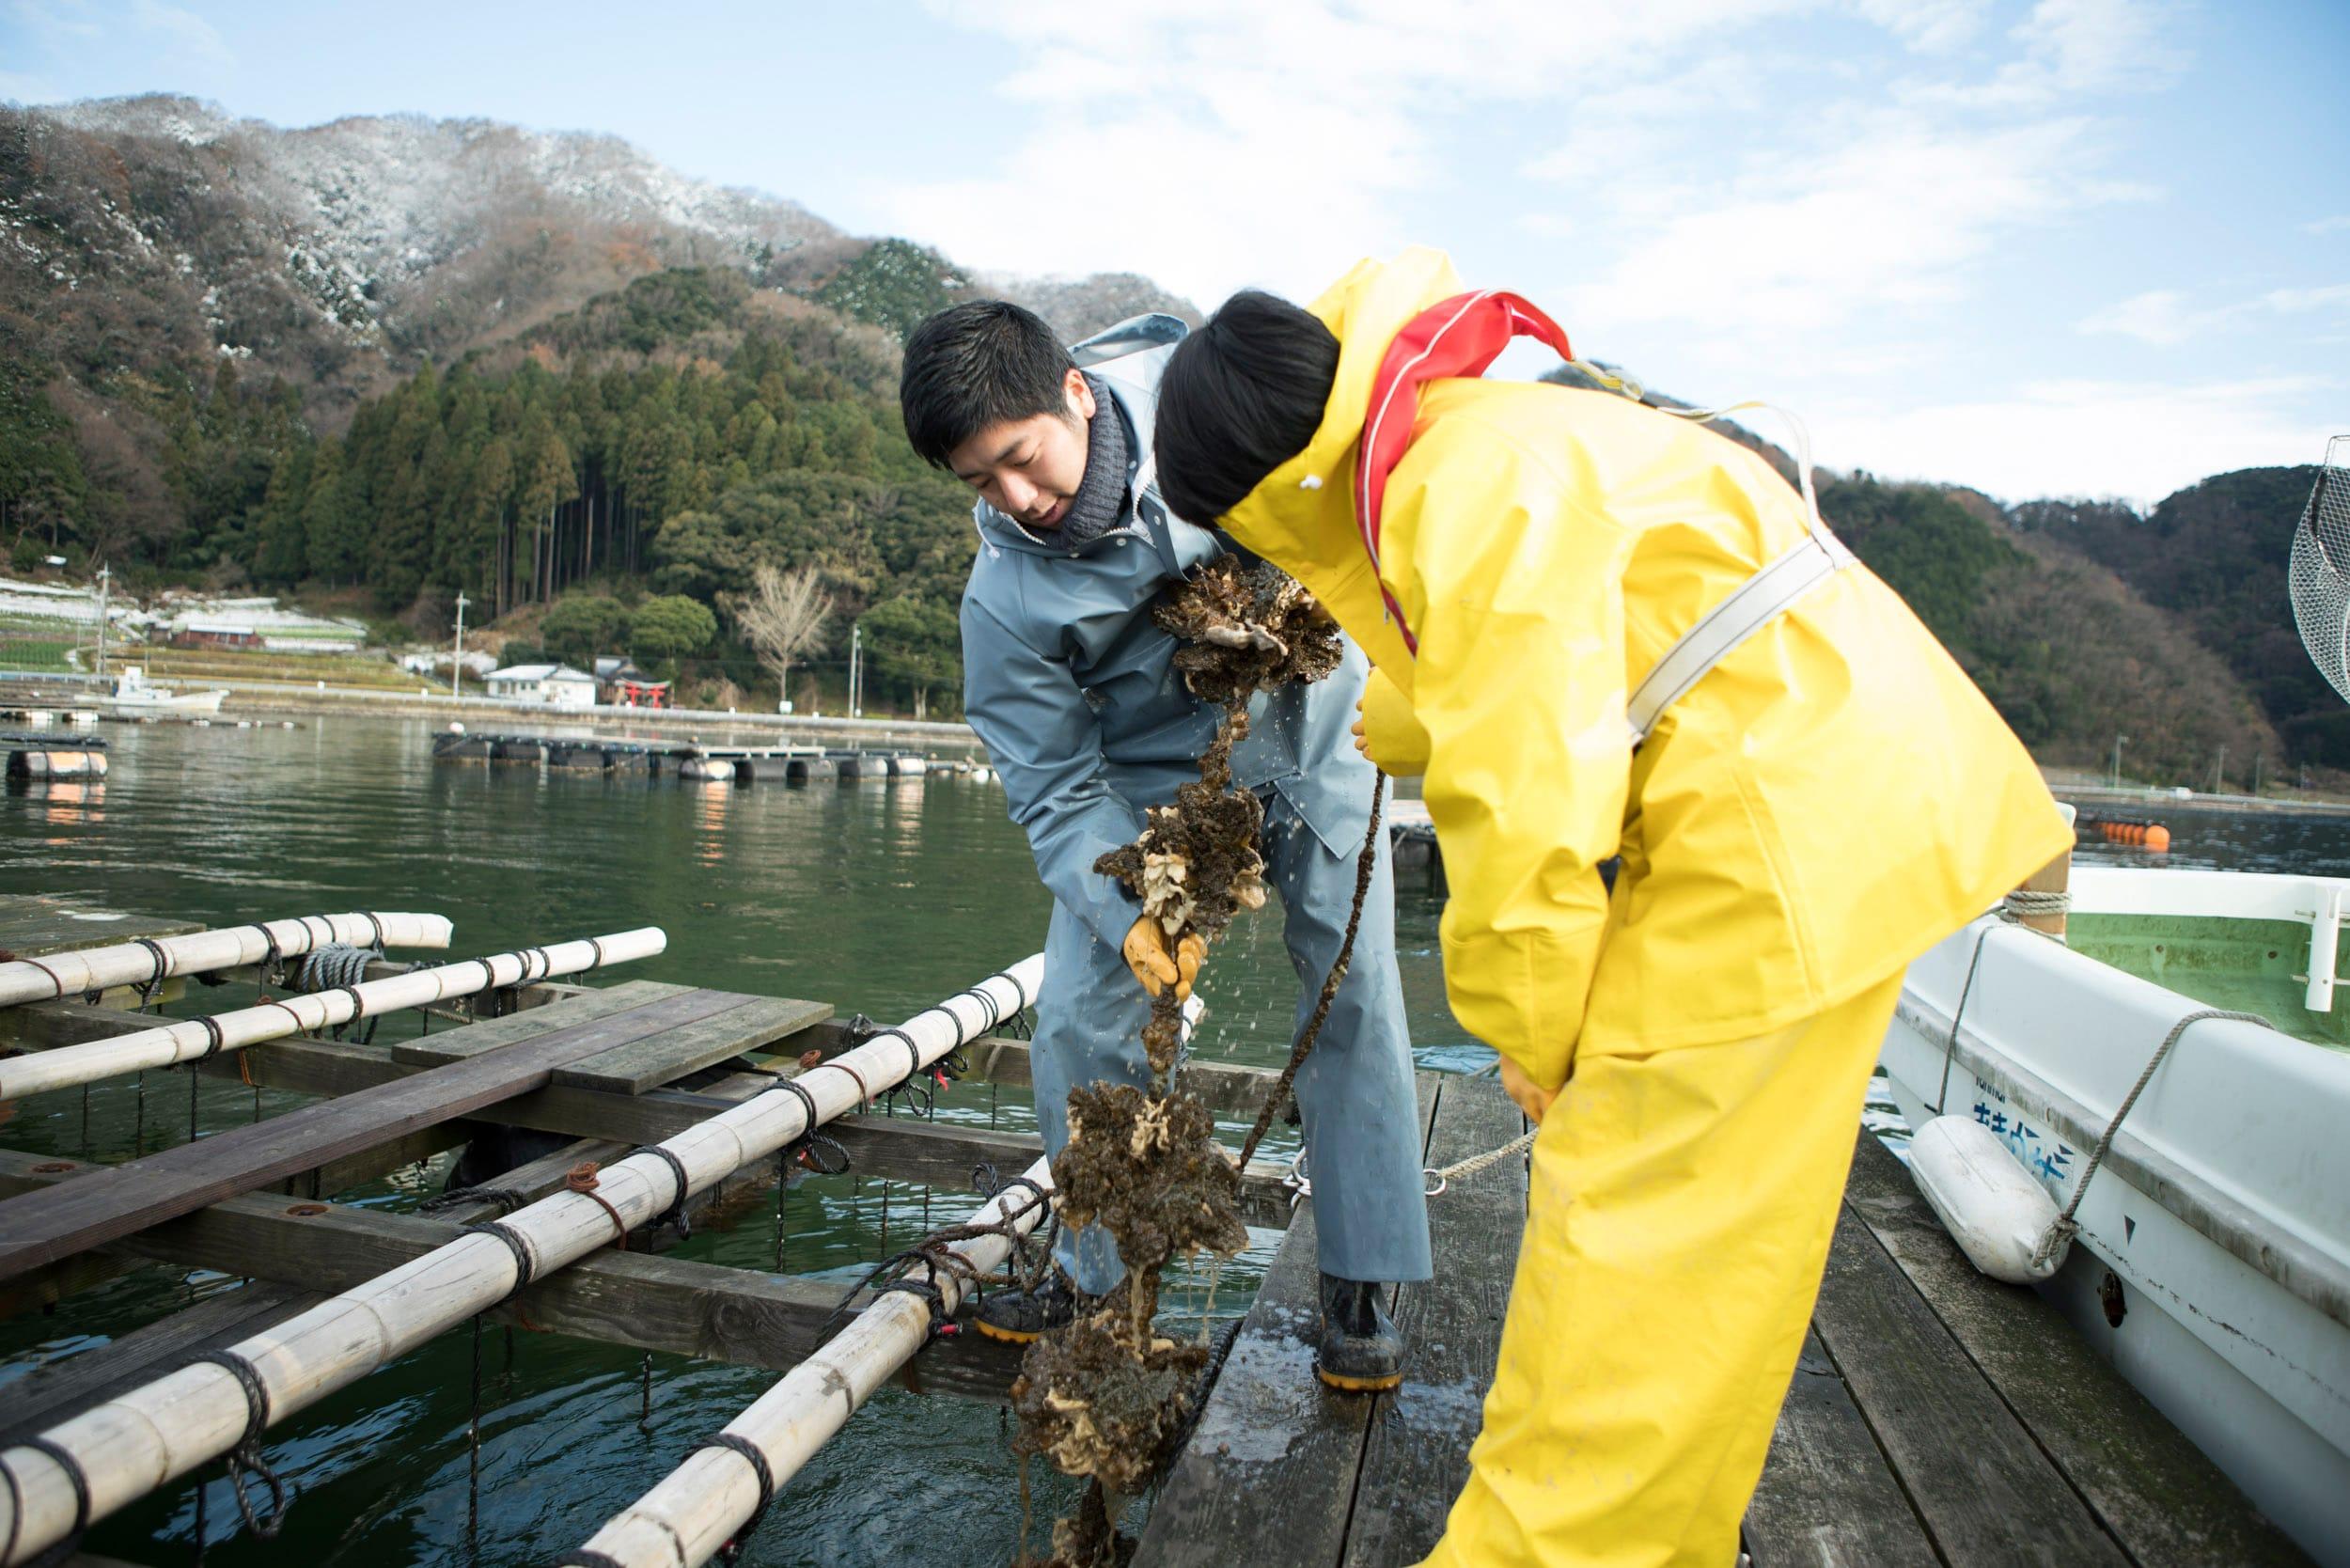 筏には牡蠣の稚貝をつけたロープが吊られている。牡蠣の周りにホヤやムール貝、小さなエビやカニ、魚も住みついている。まるで小さな生態系だ。